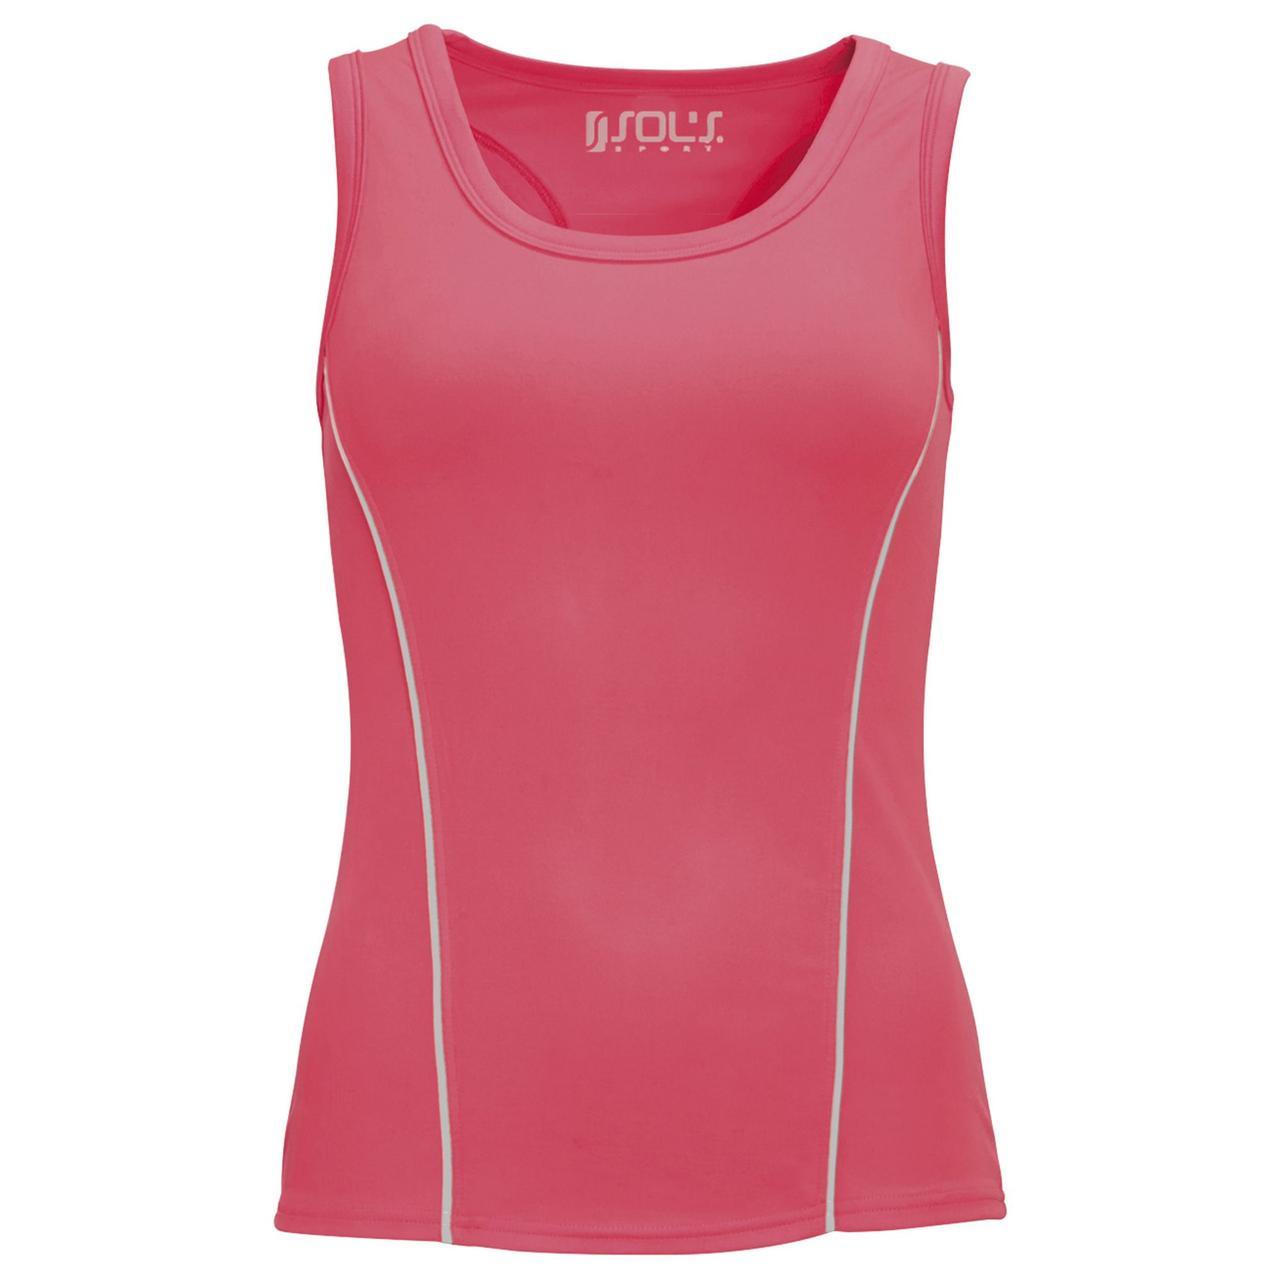 Спортивный топ Rio неоновый розовый (коралл) (артикул 01418153)